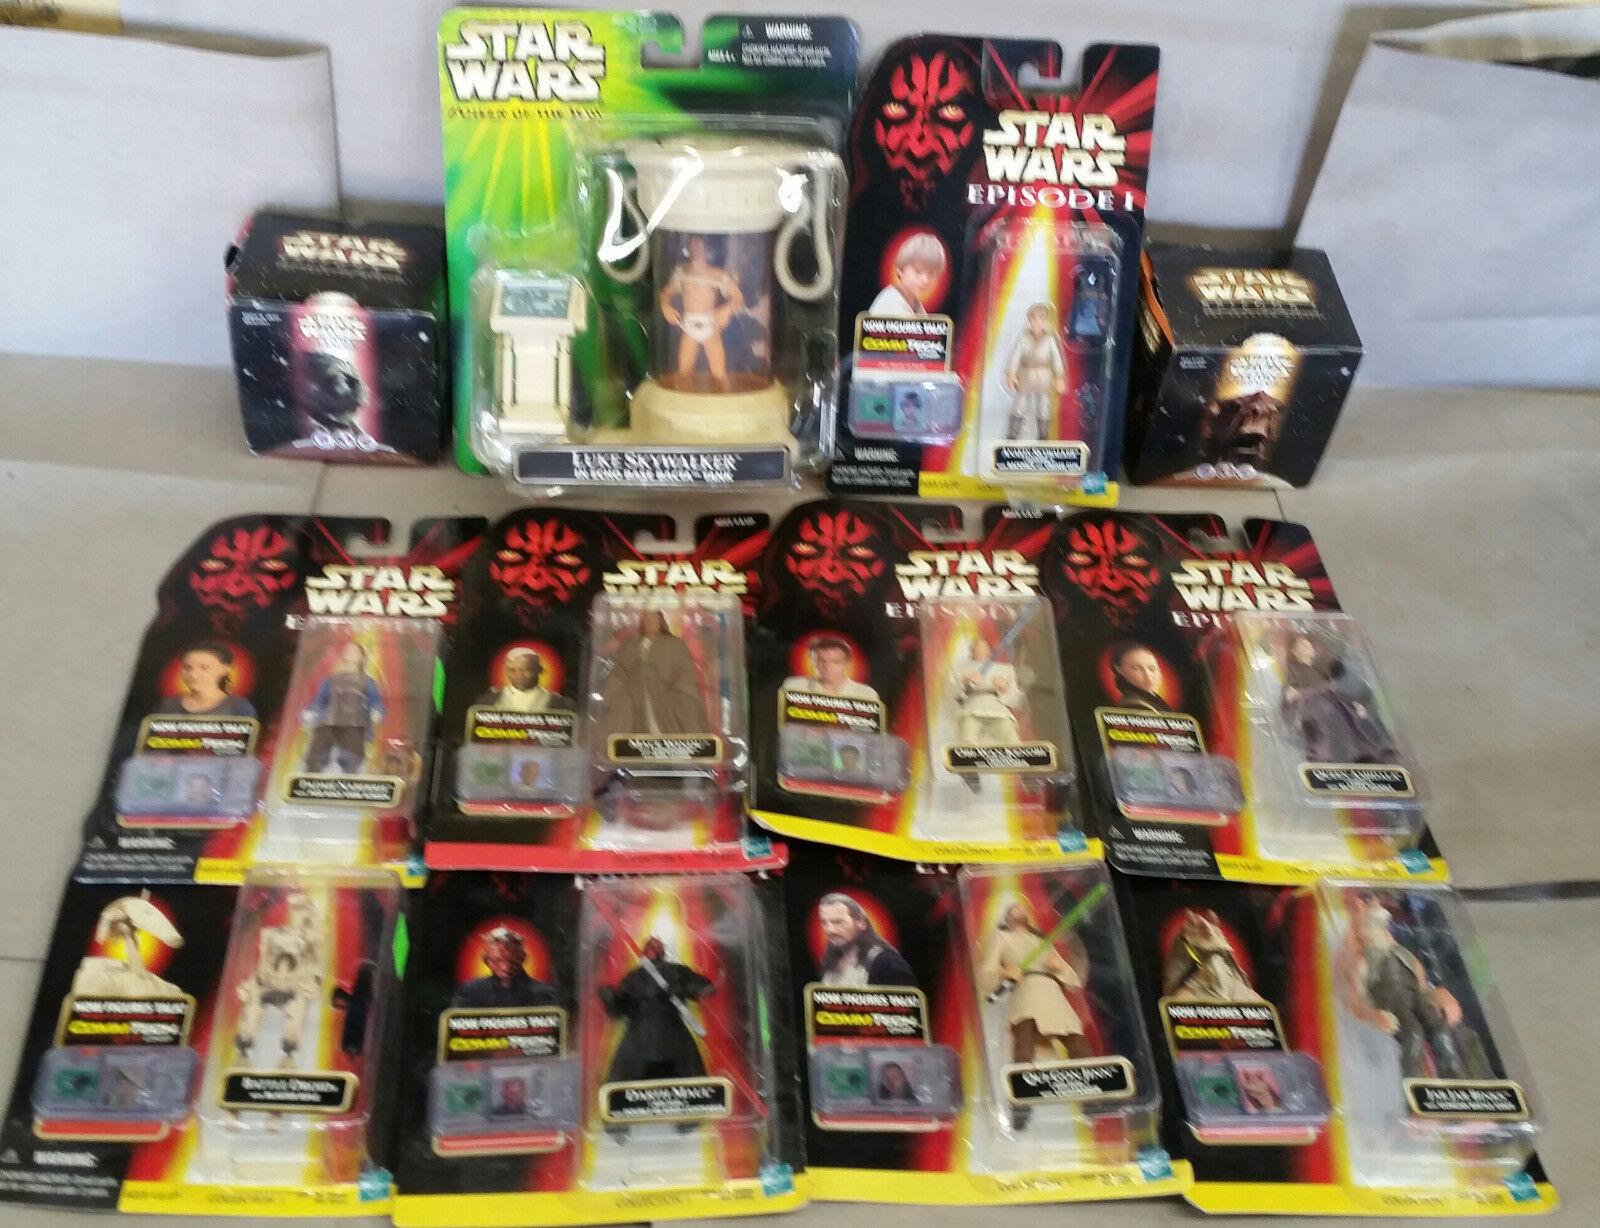 Star Wars Episode Lot of 9 commtech figures, 2 taco bell cube + Luke echo base